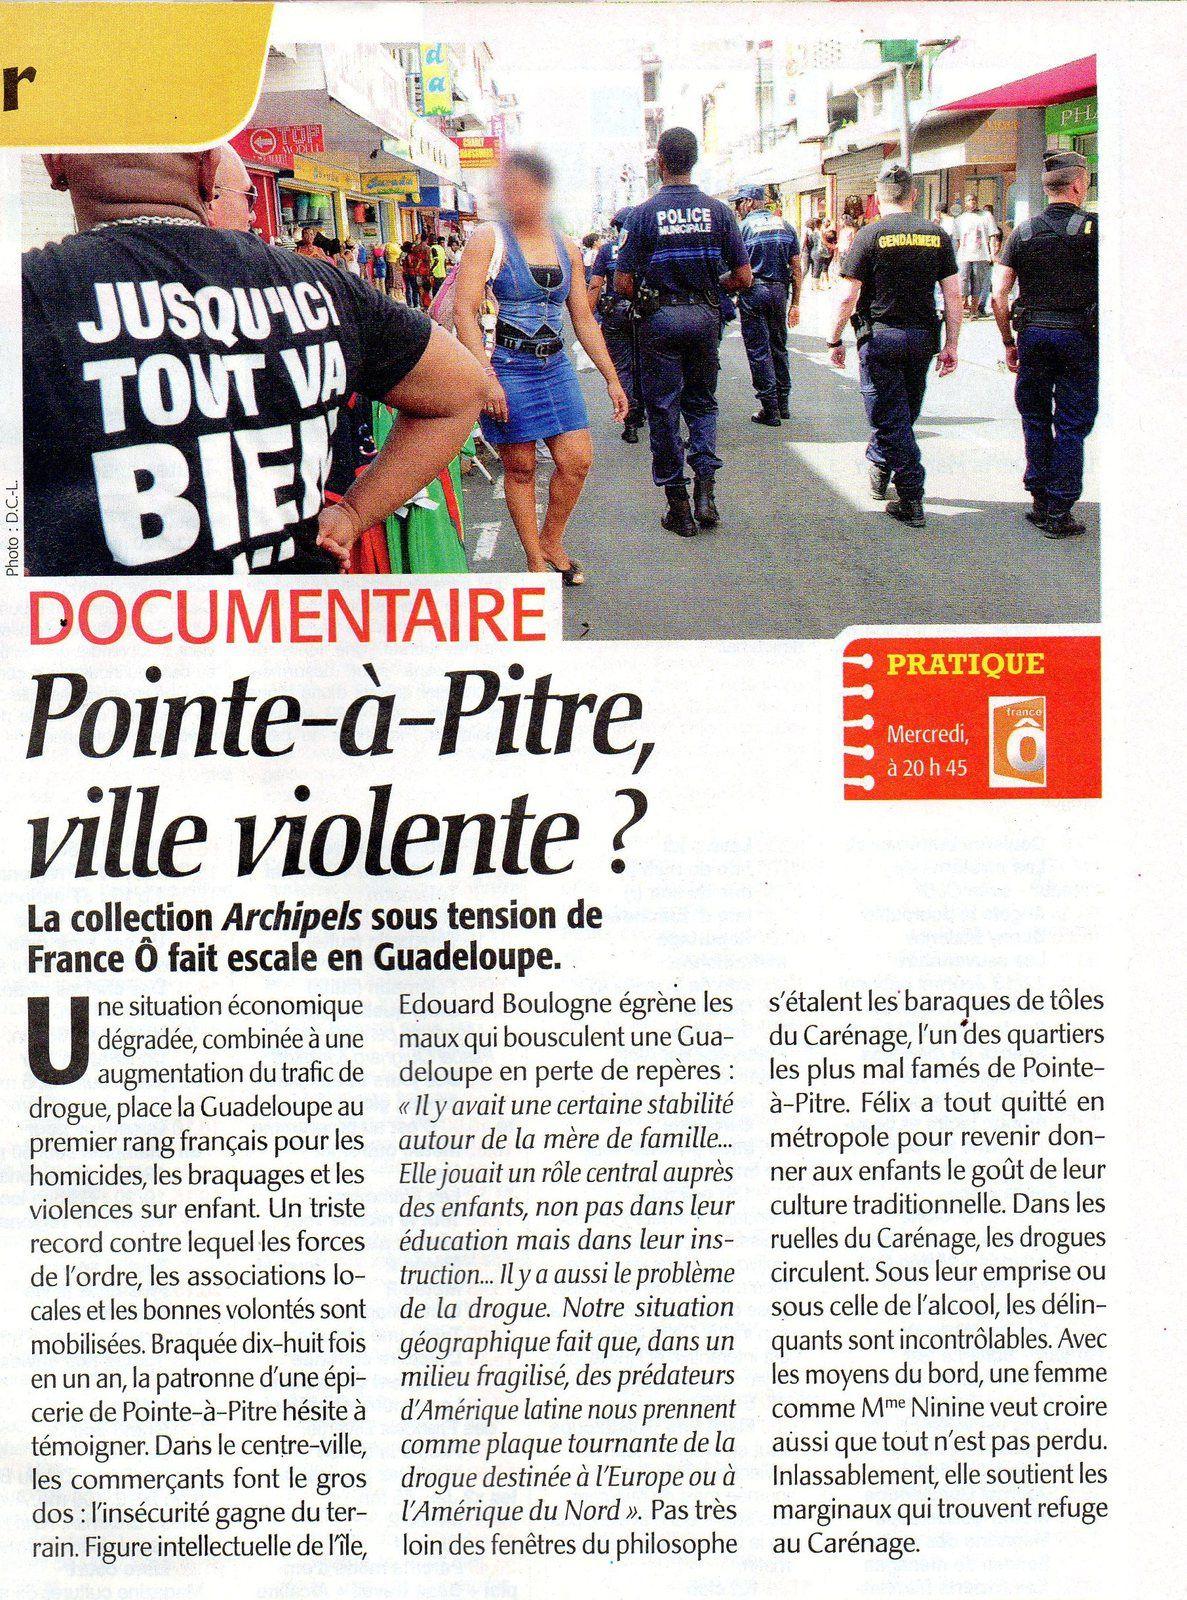 Pointe-à-Pitre, ville violente? Sur France O,  mercredi.